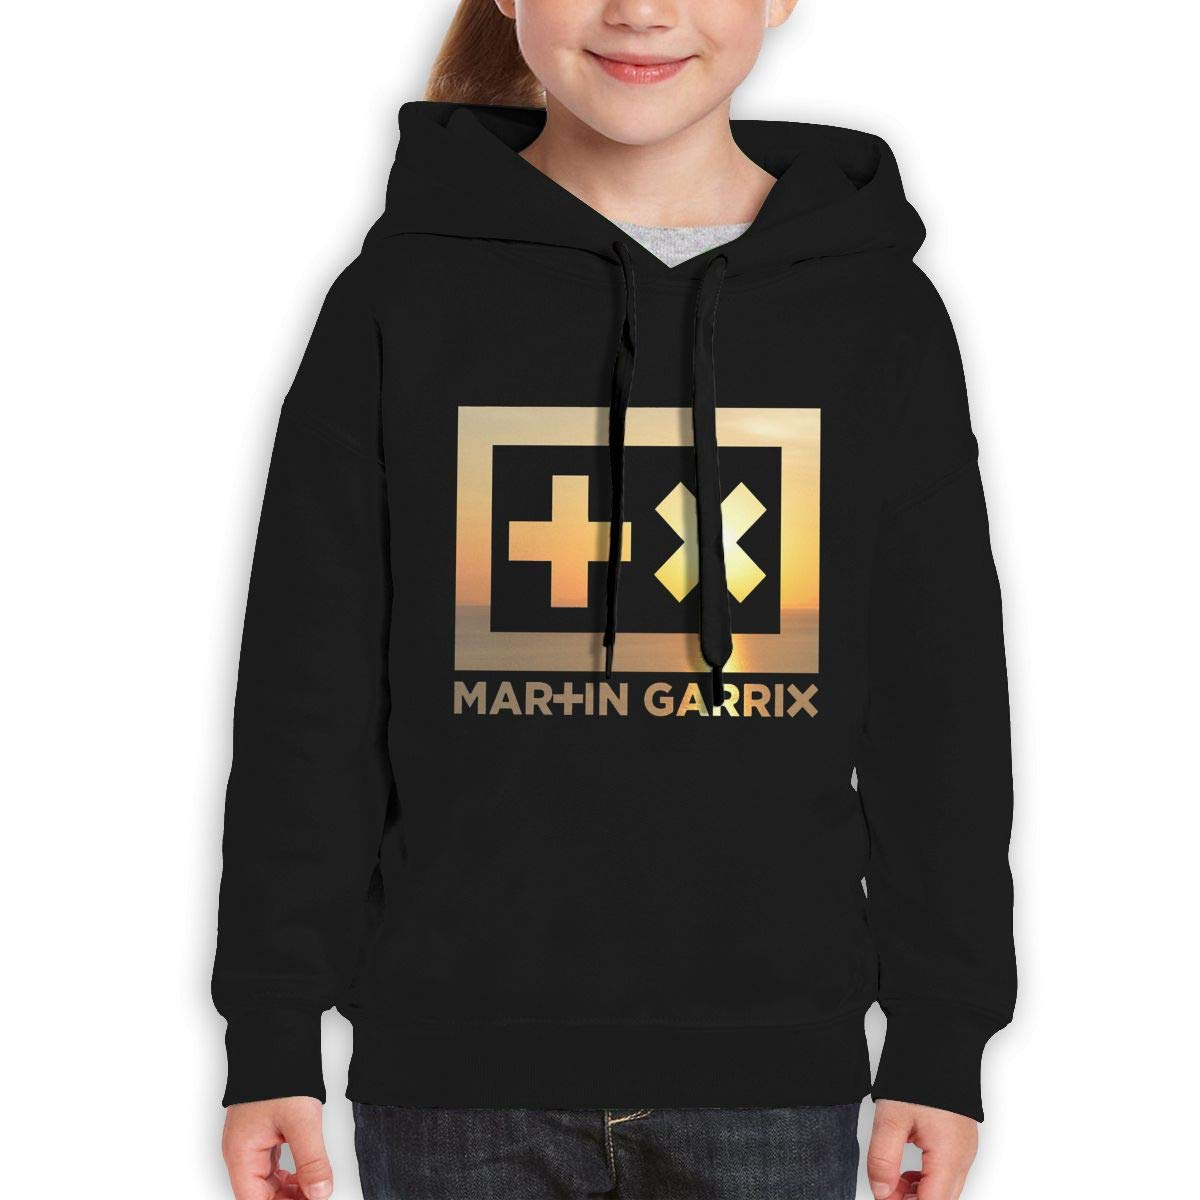 MUPTQWIU Teen Girls Martin Garrix Logo Casual Style Climbing Black Hoody